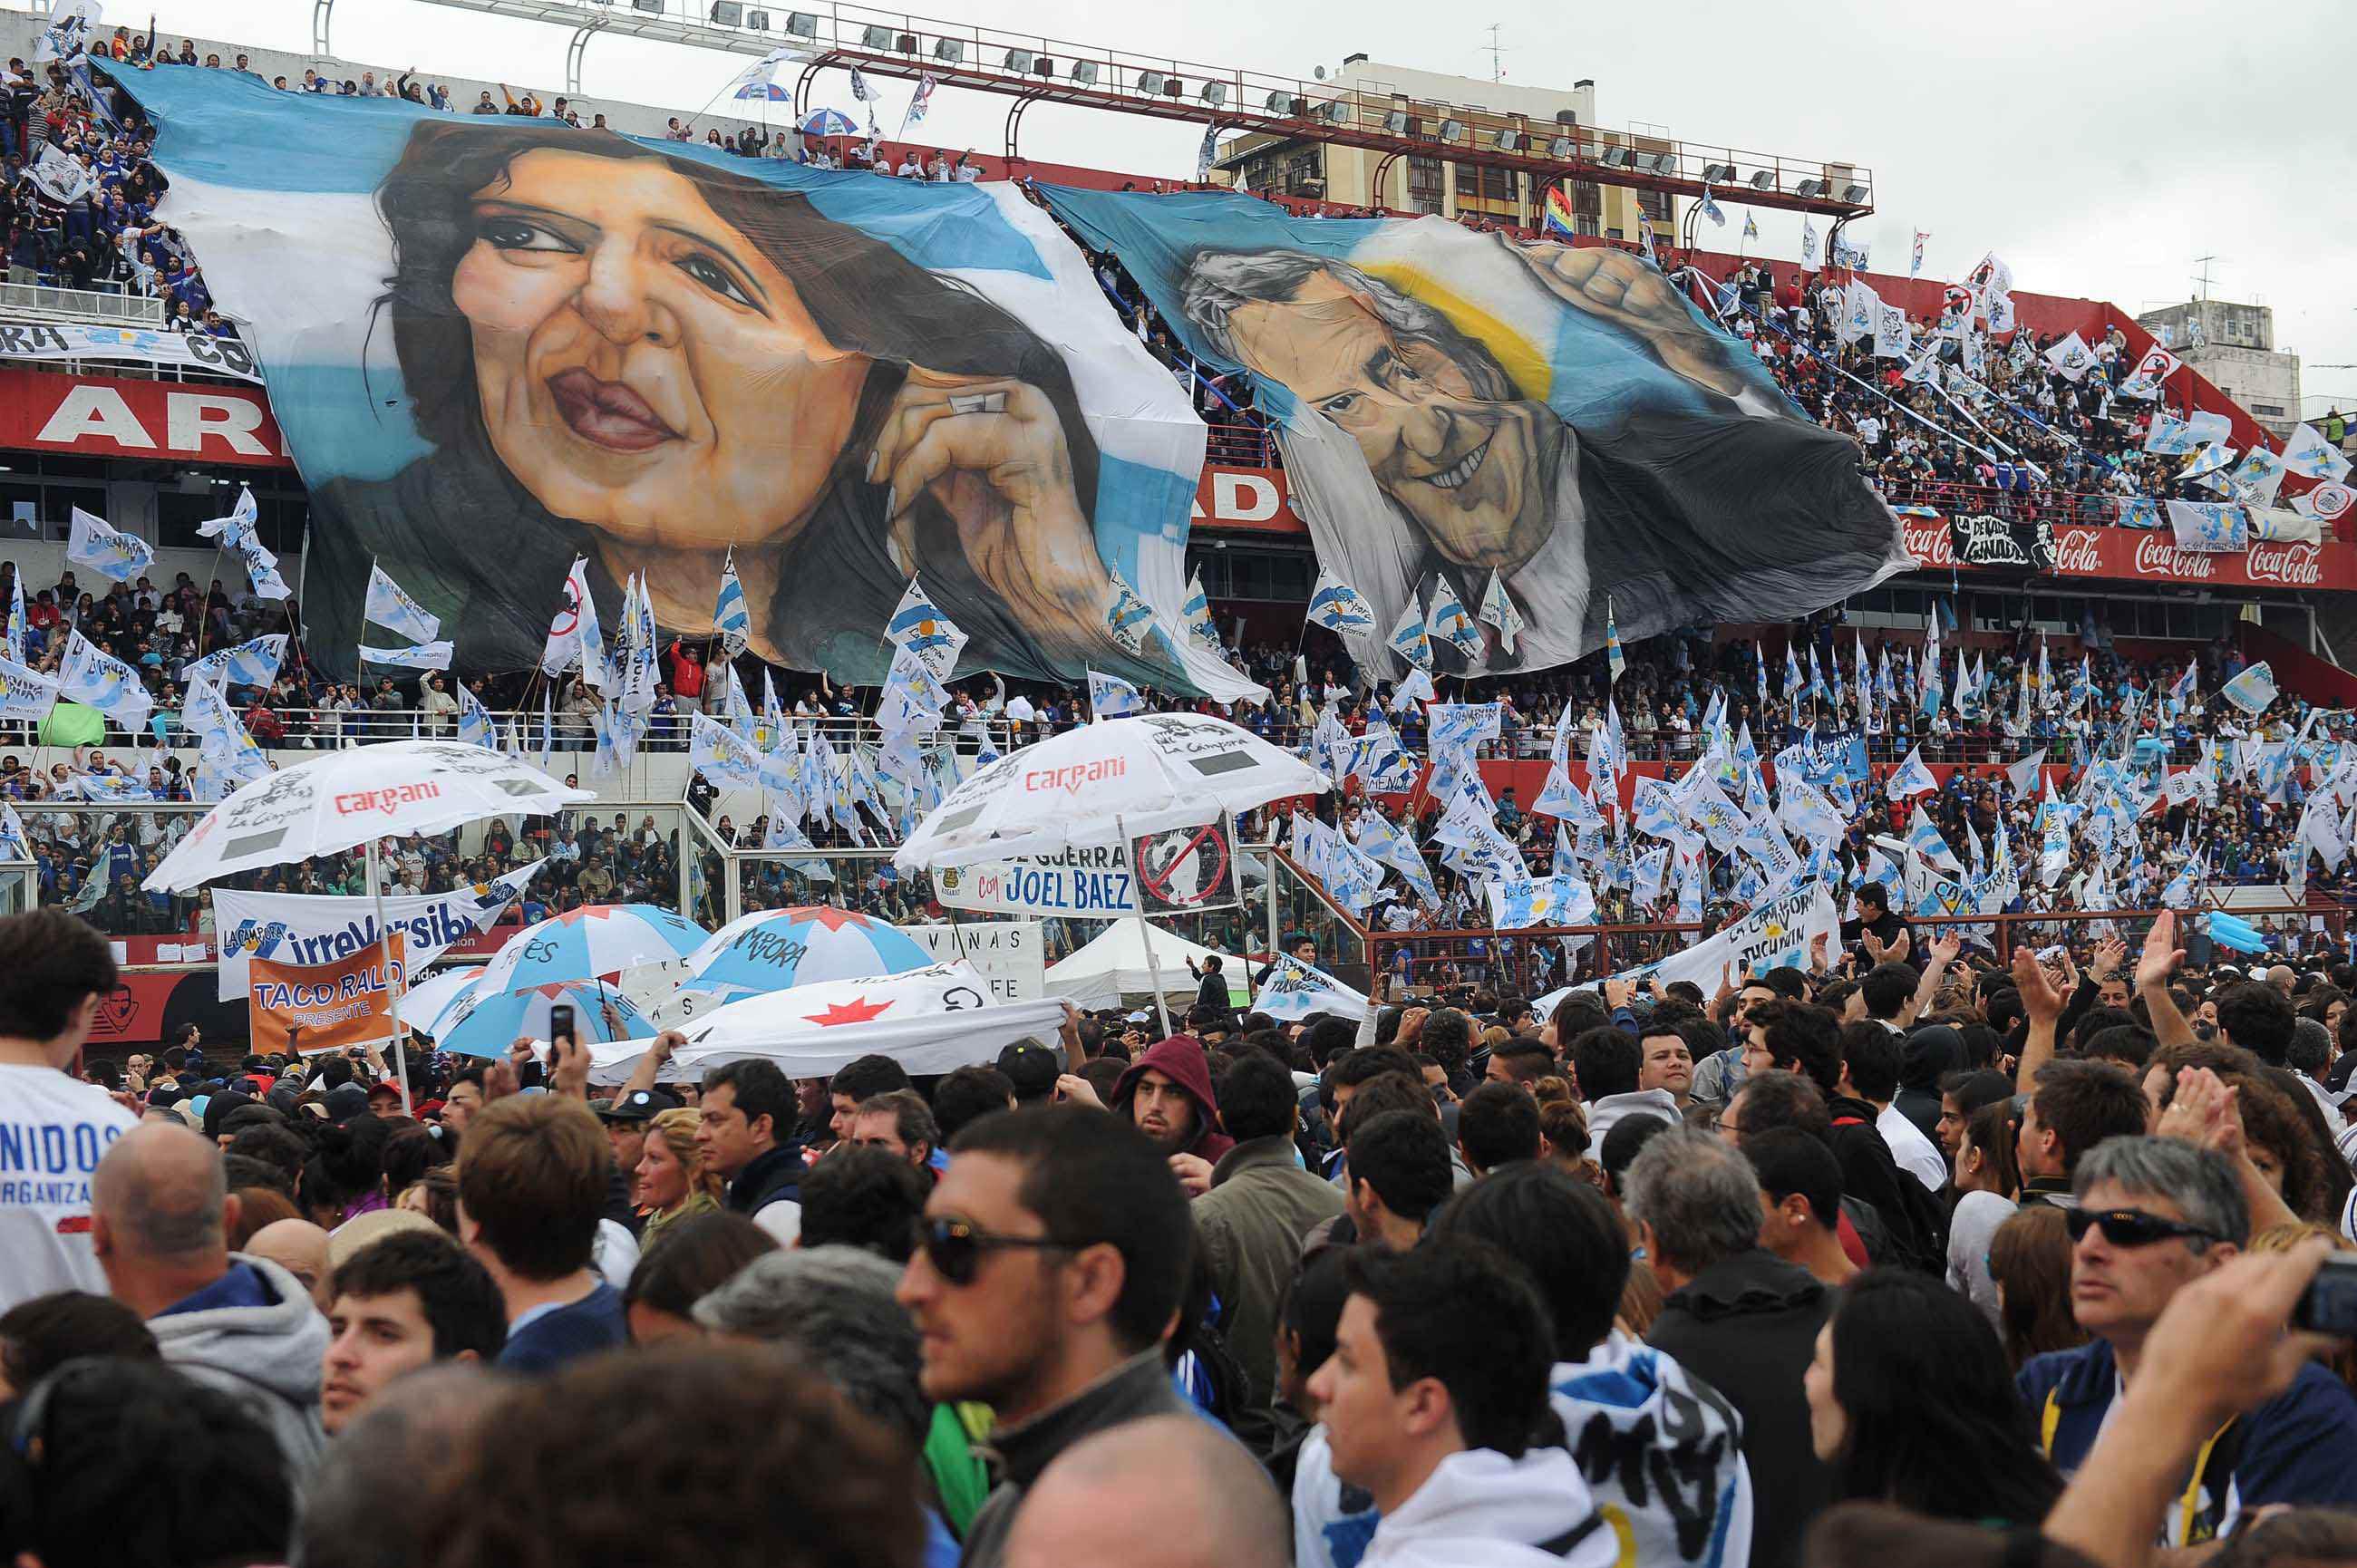 Cientos de miles de ciudadanos agradecen a la major época del país y prometen luchar por un pronto retorno.